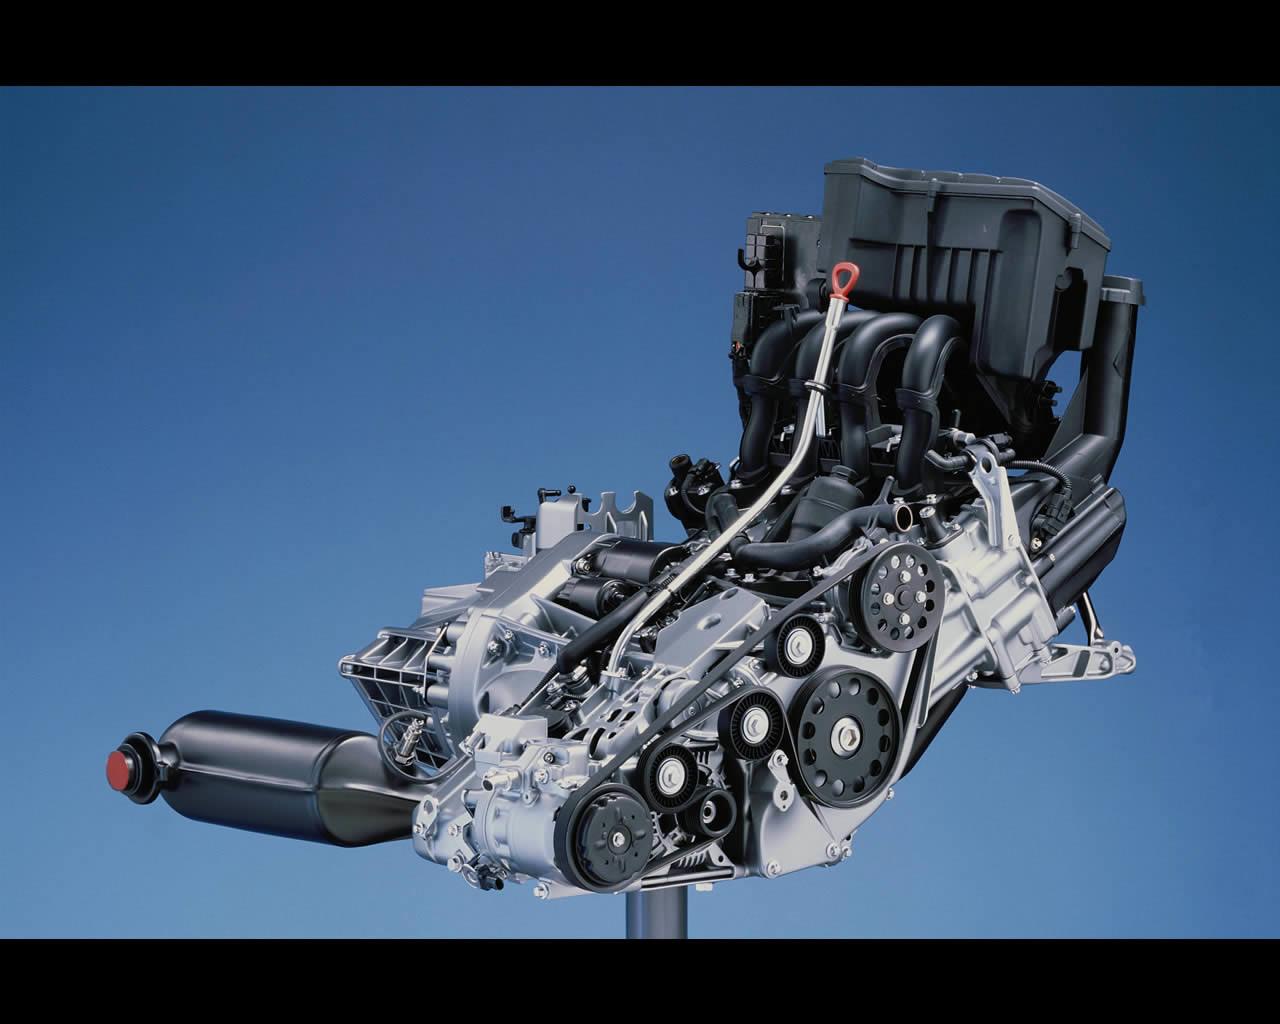 Ремонт двигателя 102 мерседес своими руками